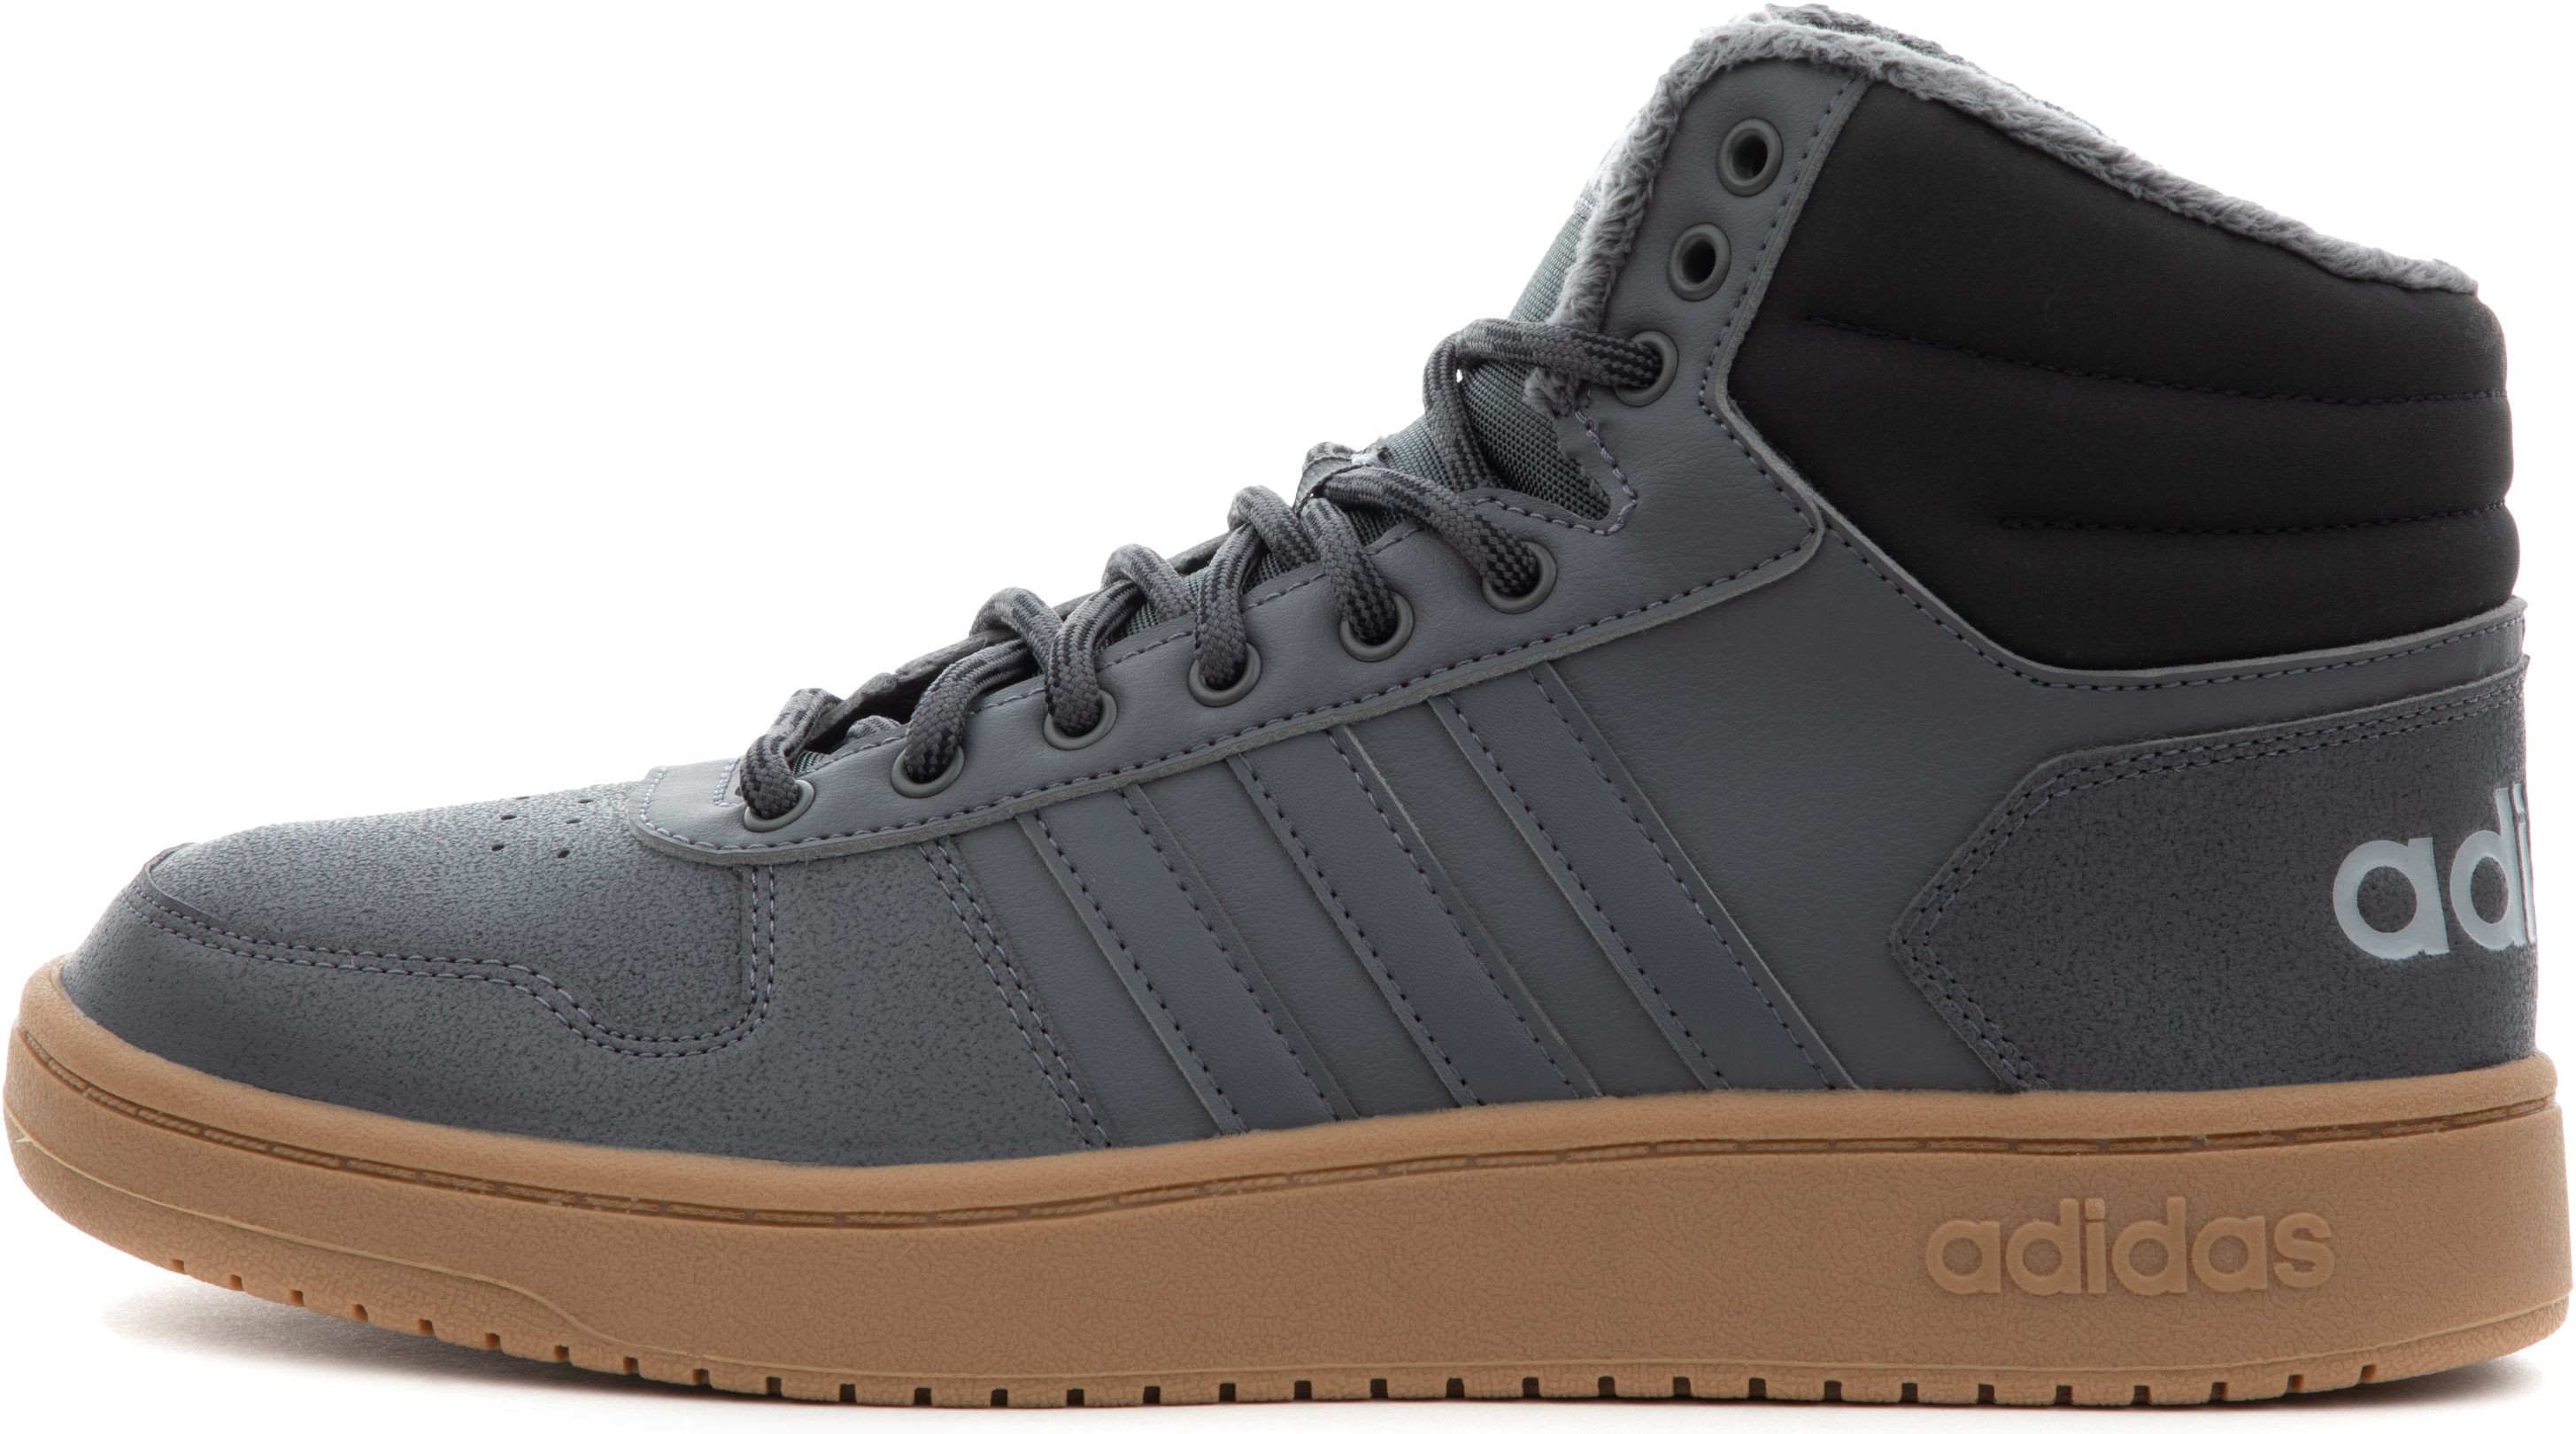 Adidas Кеды мужские HOOPS, размер 44,5